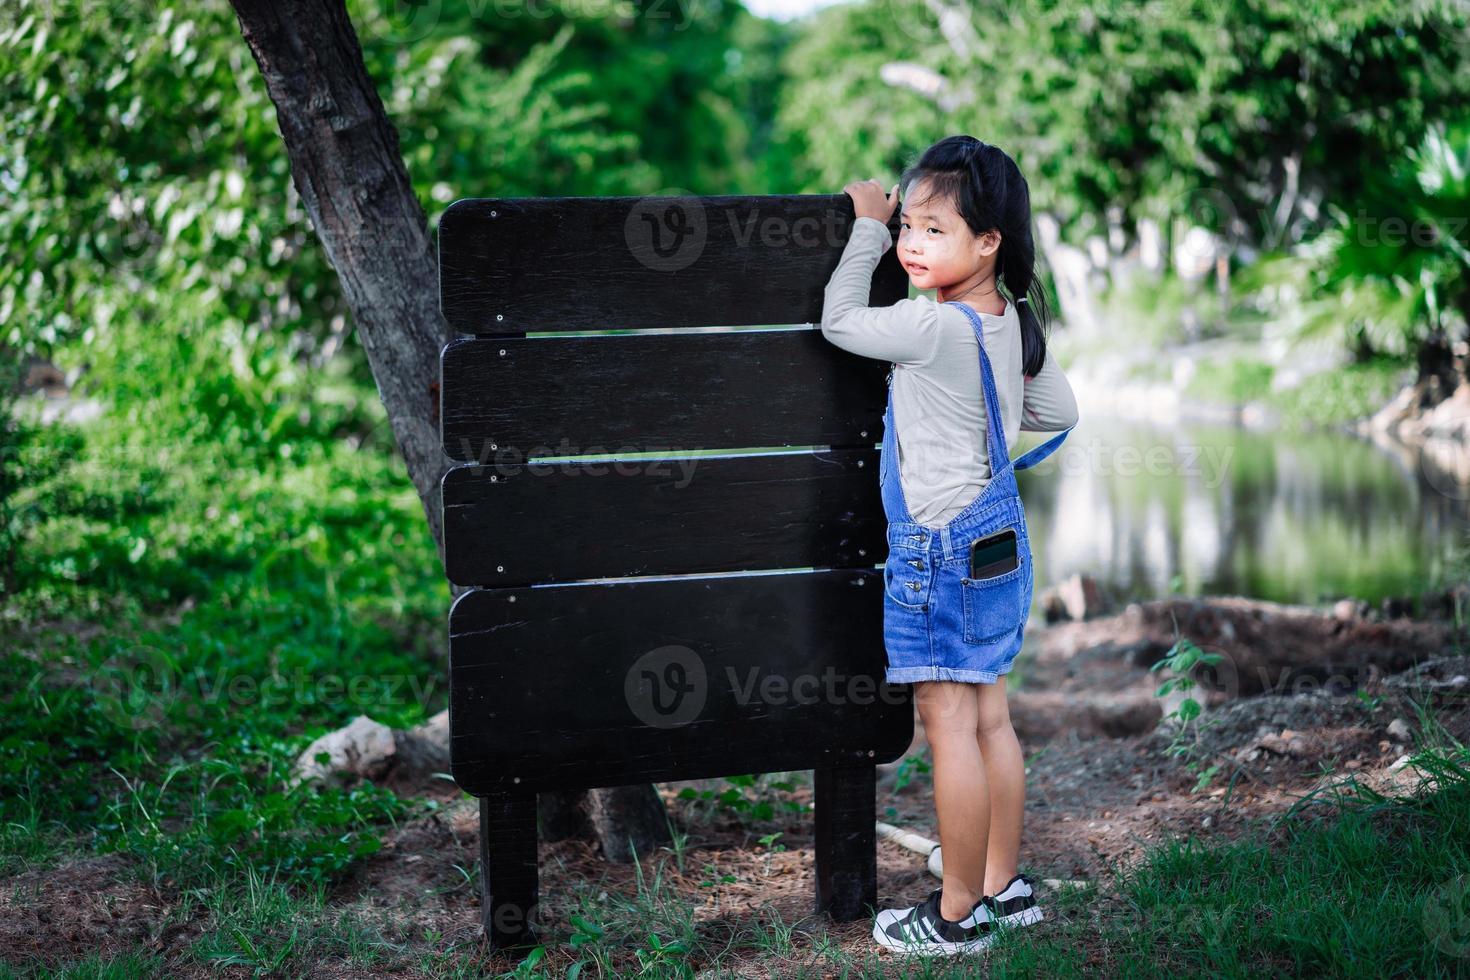 niña asiática pone el teléfono móvil en el bolsillo con etiqueta de madera foto